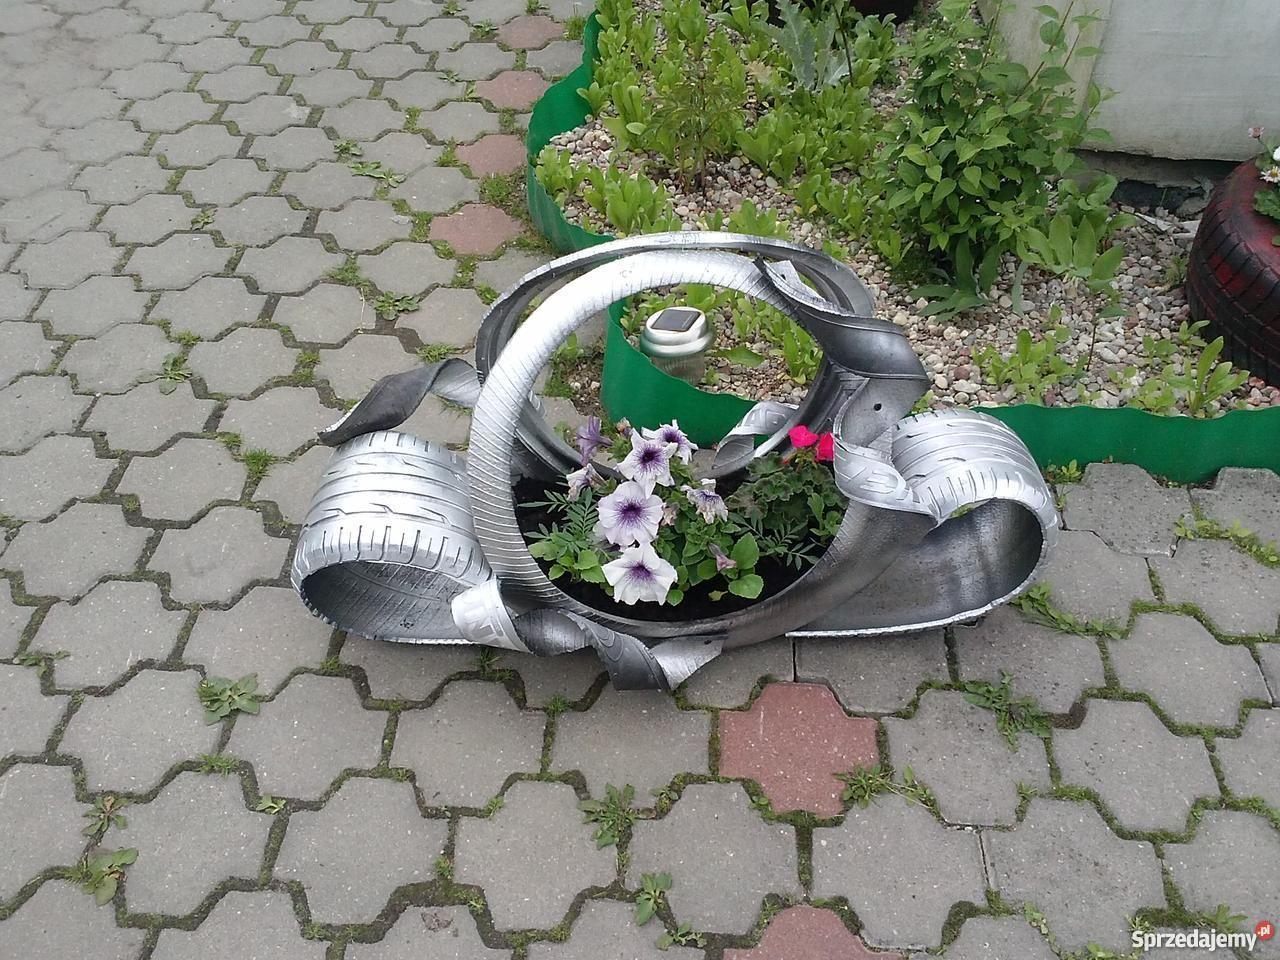 Www Sprzedajemy Pl Doniczki Z Opon Kwietniki Z Opon Labedzie Kosze Baby Car Seats Amazing Flowers Car Seats